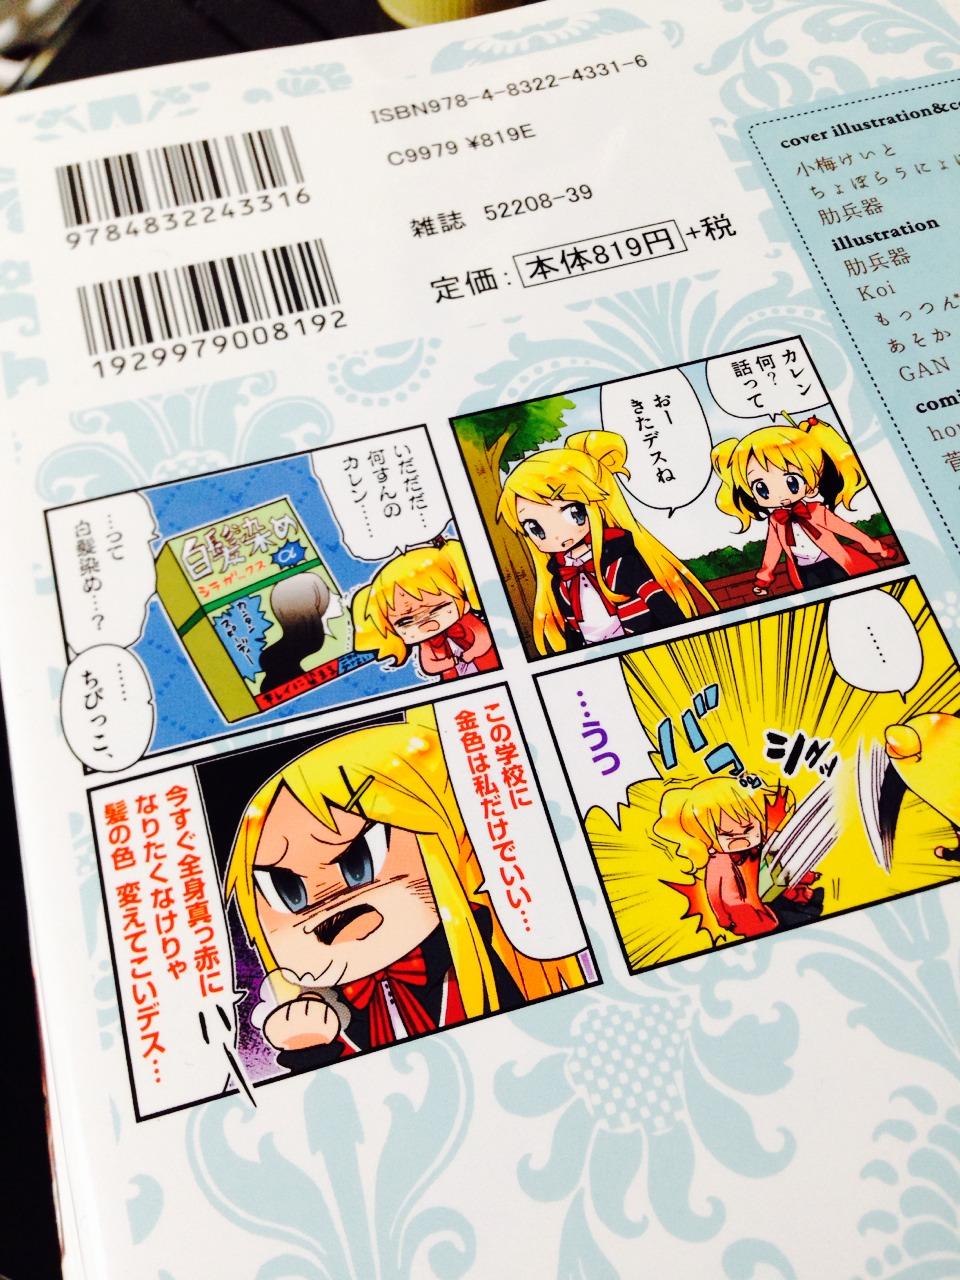 만화가 '쵸보라우뇨포미' 선생의 '금빛 모자이크' 그림